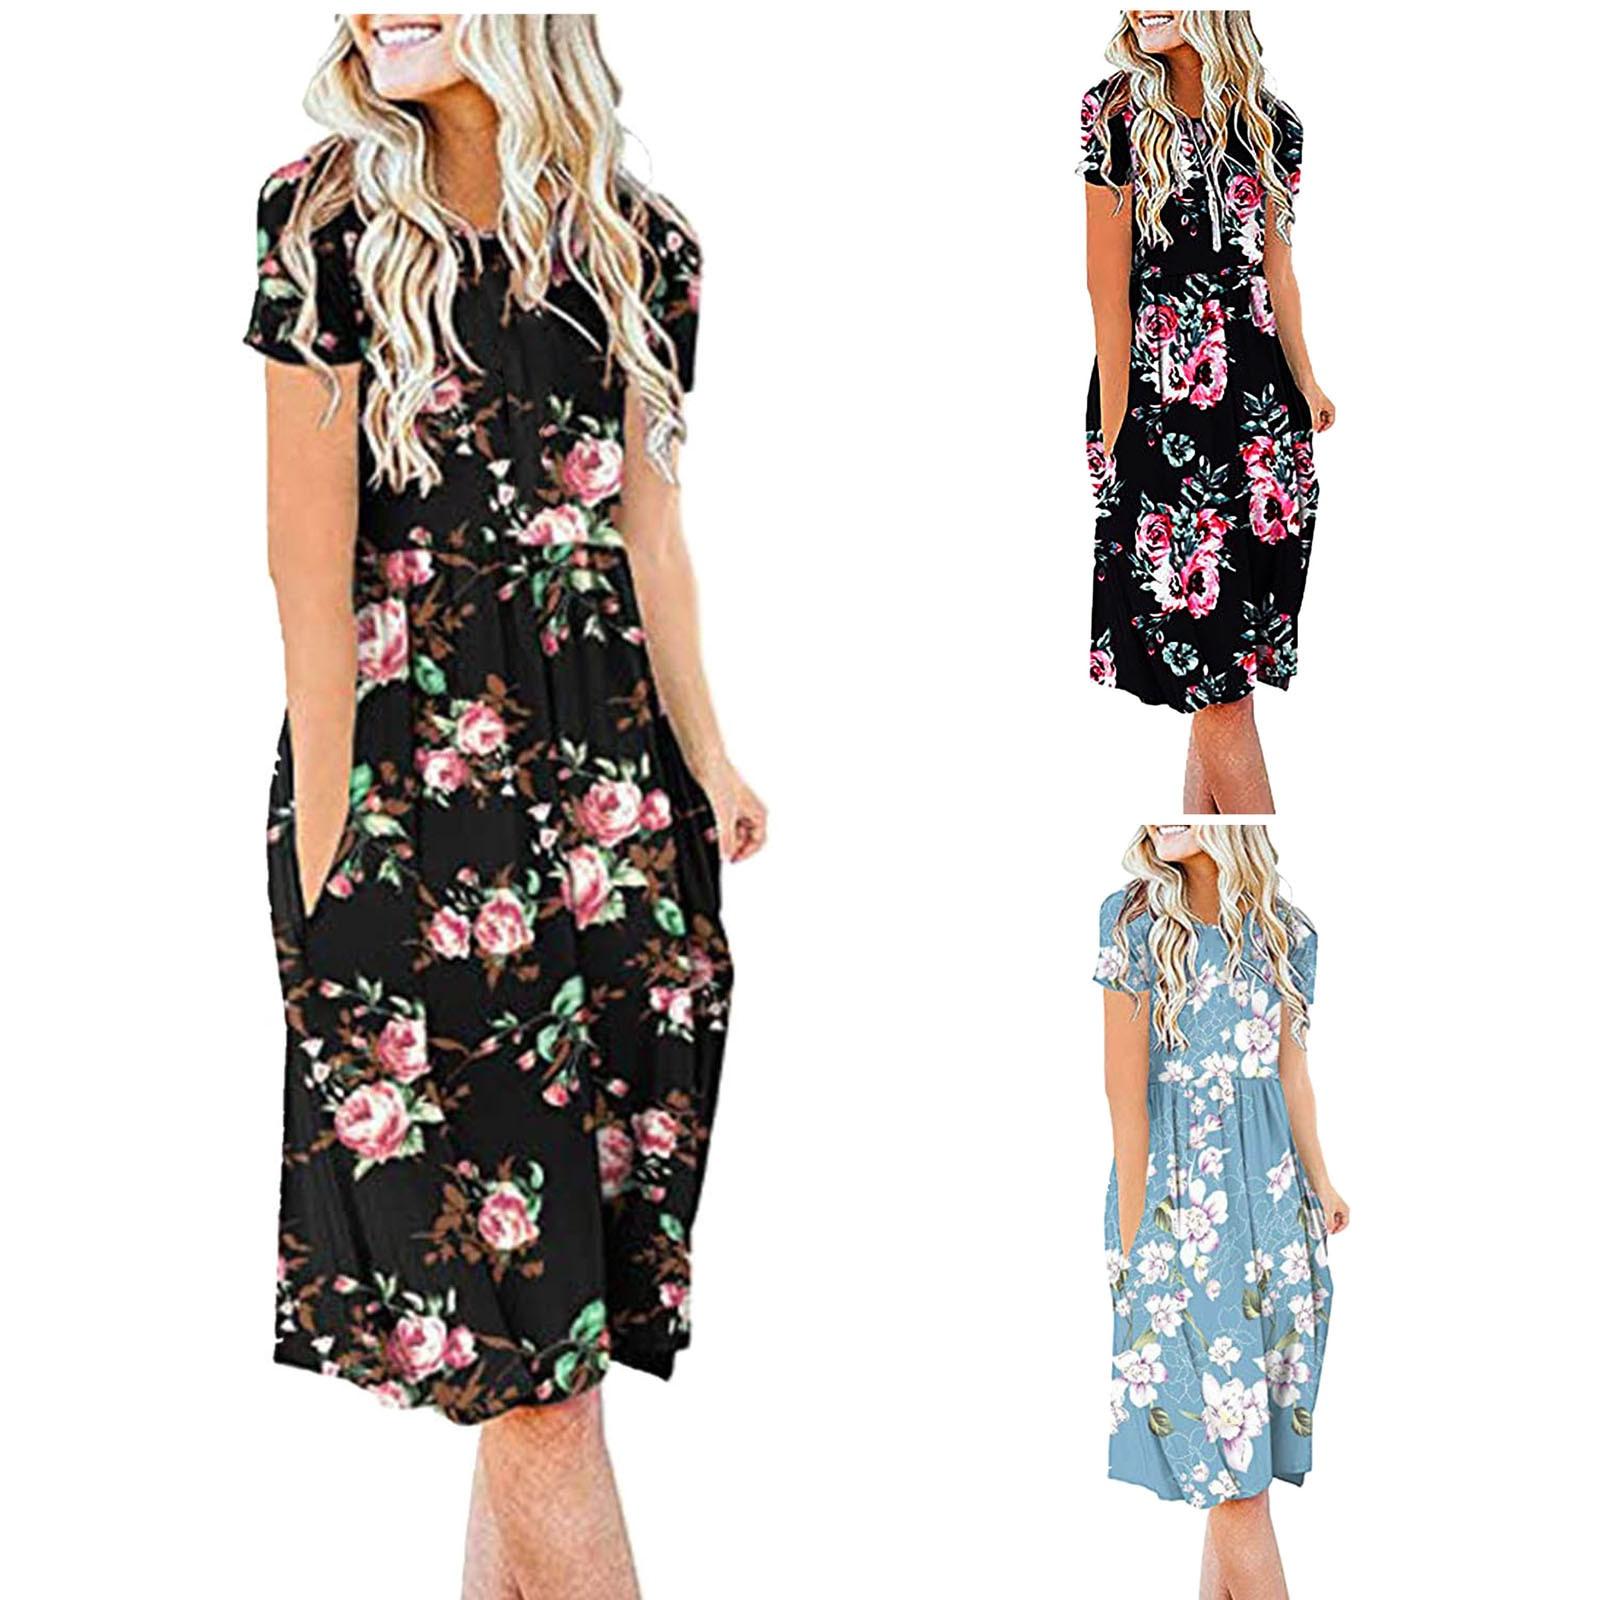 Women Summer Casual Short Sleeve Dresses Empire Waist Dress with Pockets 1